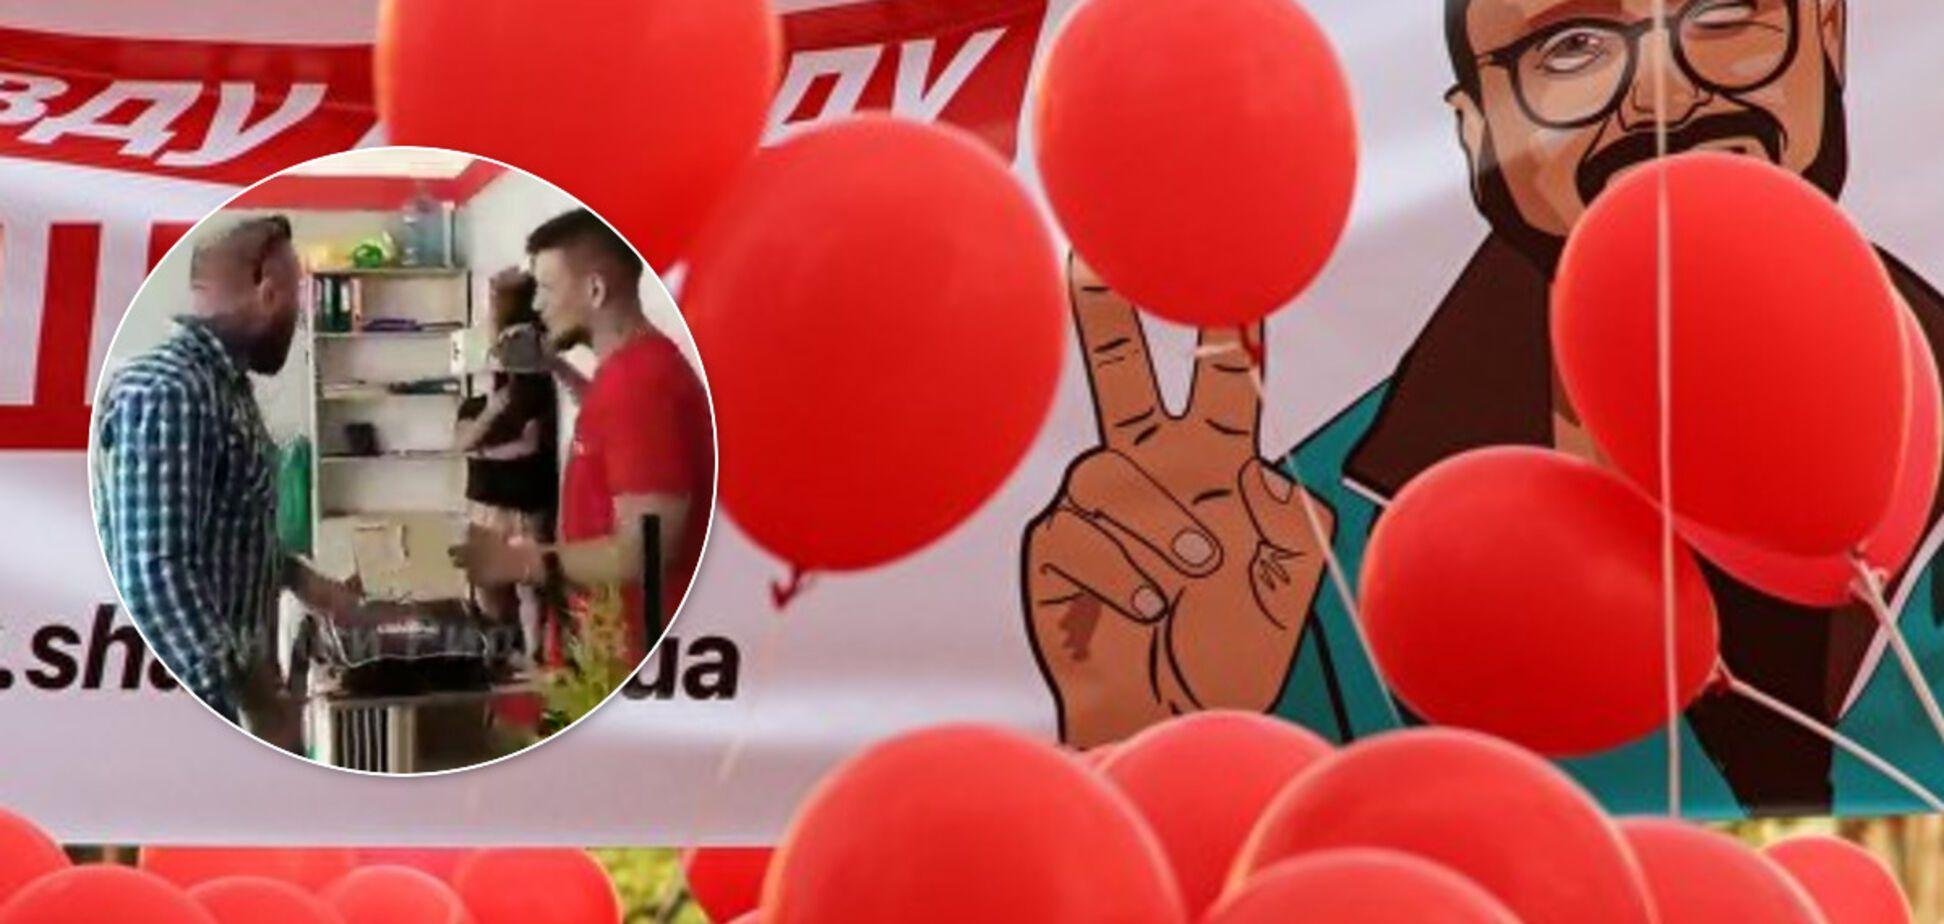 В Житомире избили представителя партии Шария